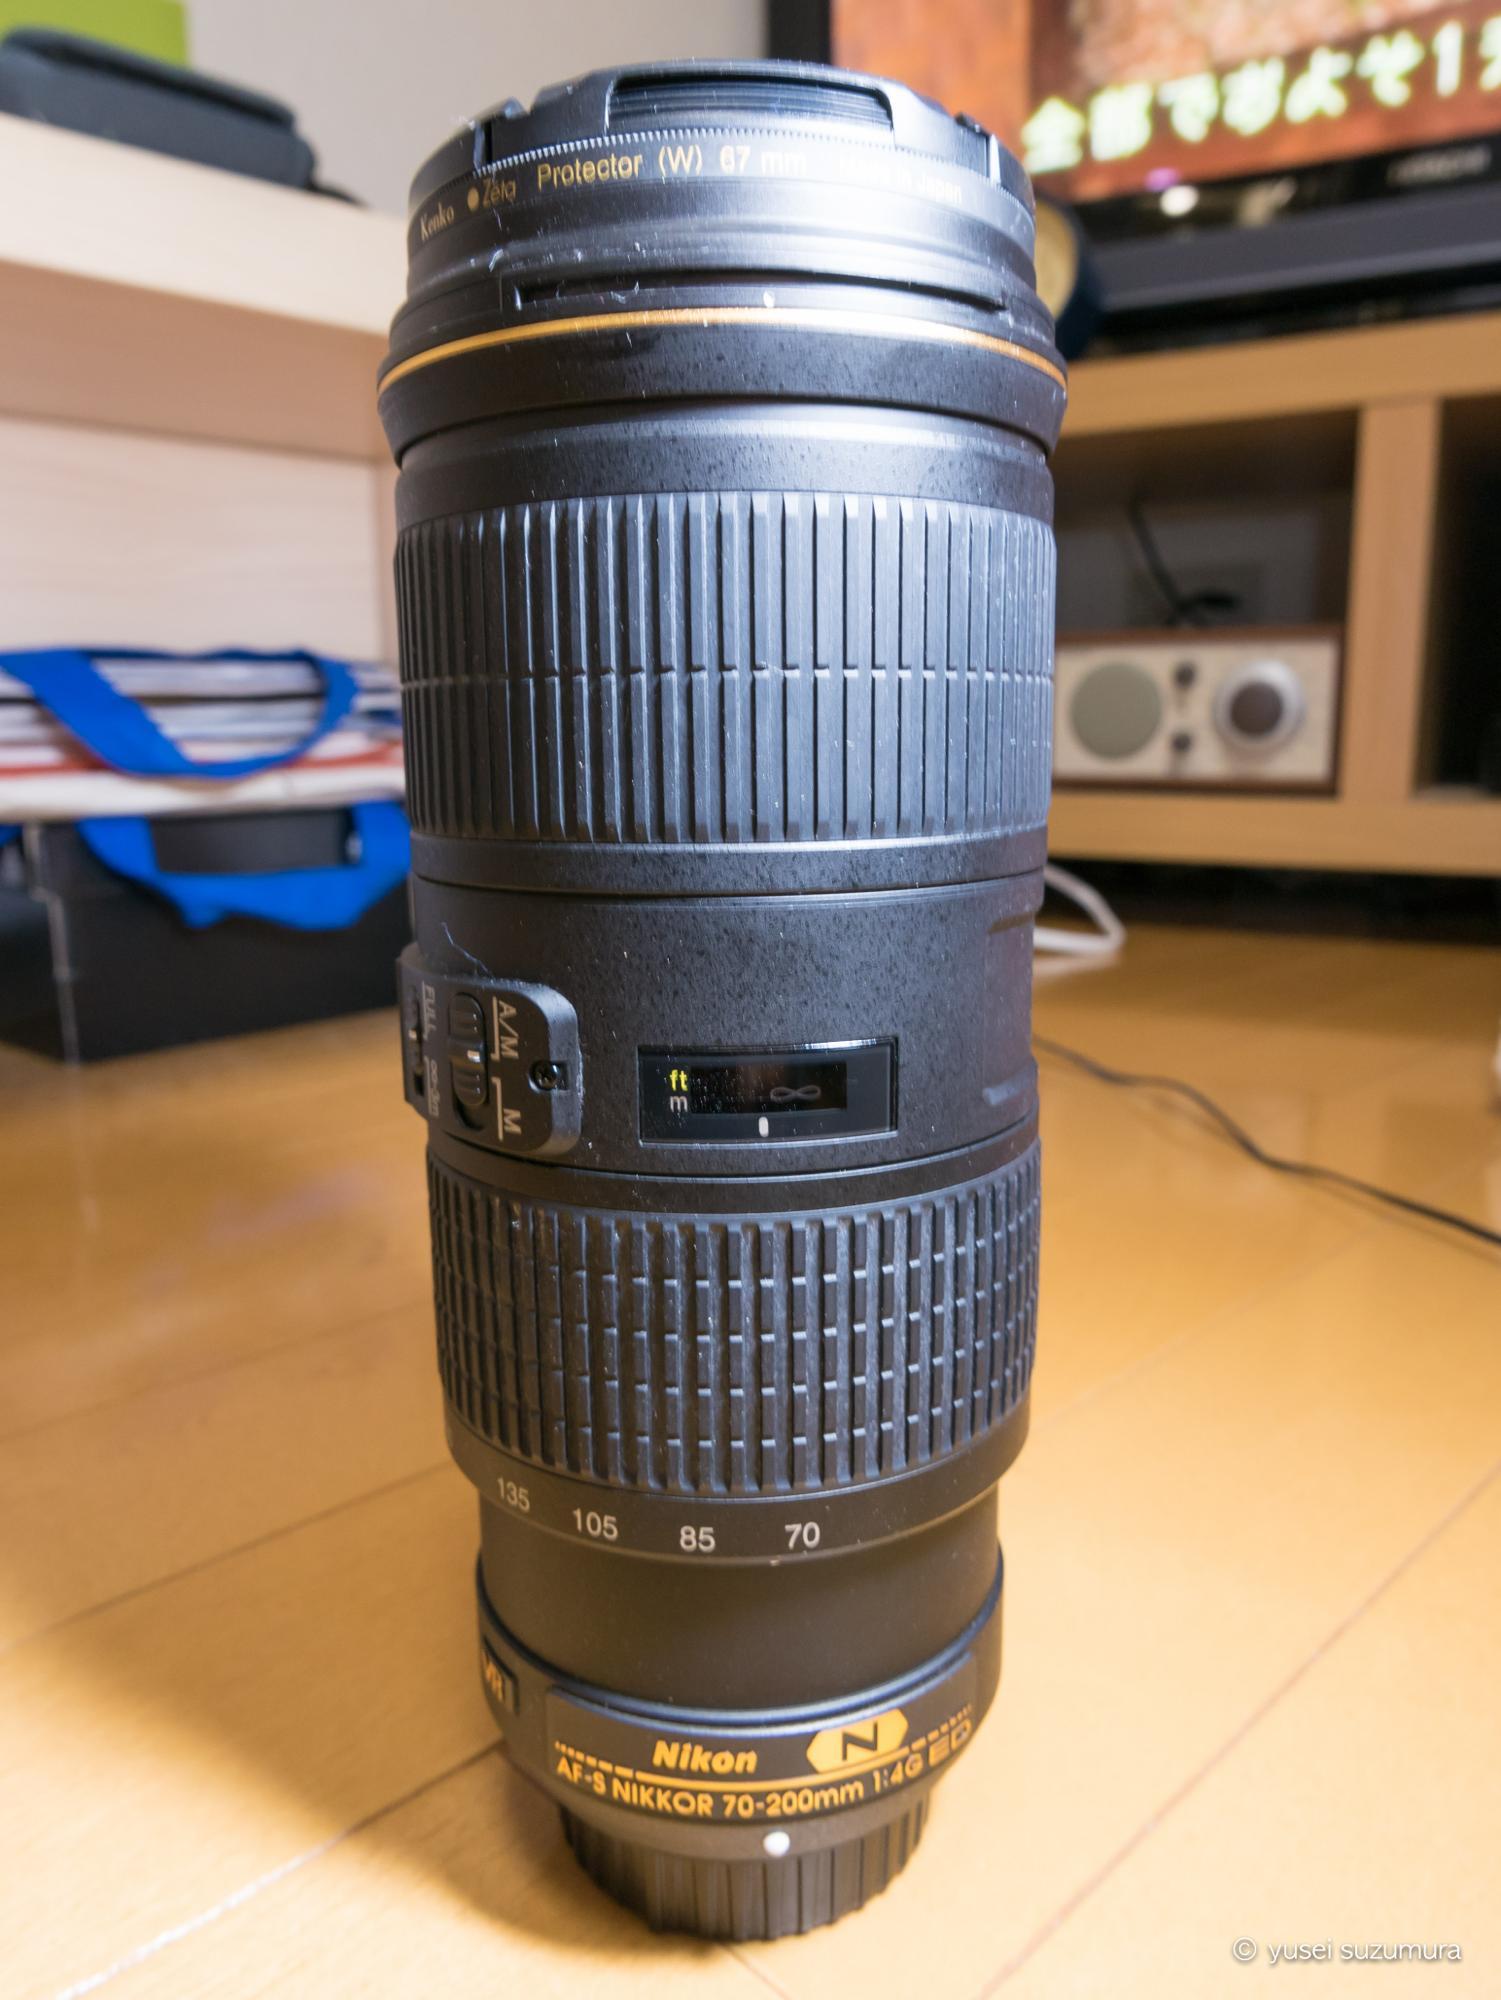 AF-S NIKKOR 70-200mm f/4G ED VR 全体